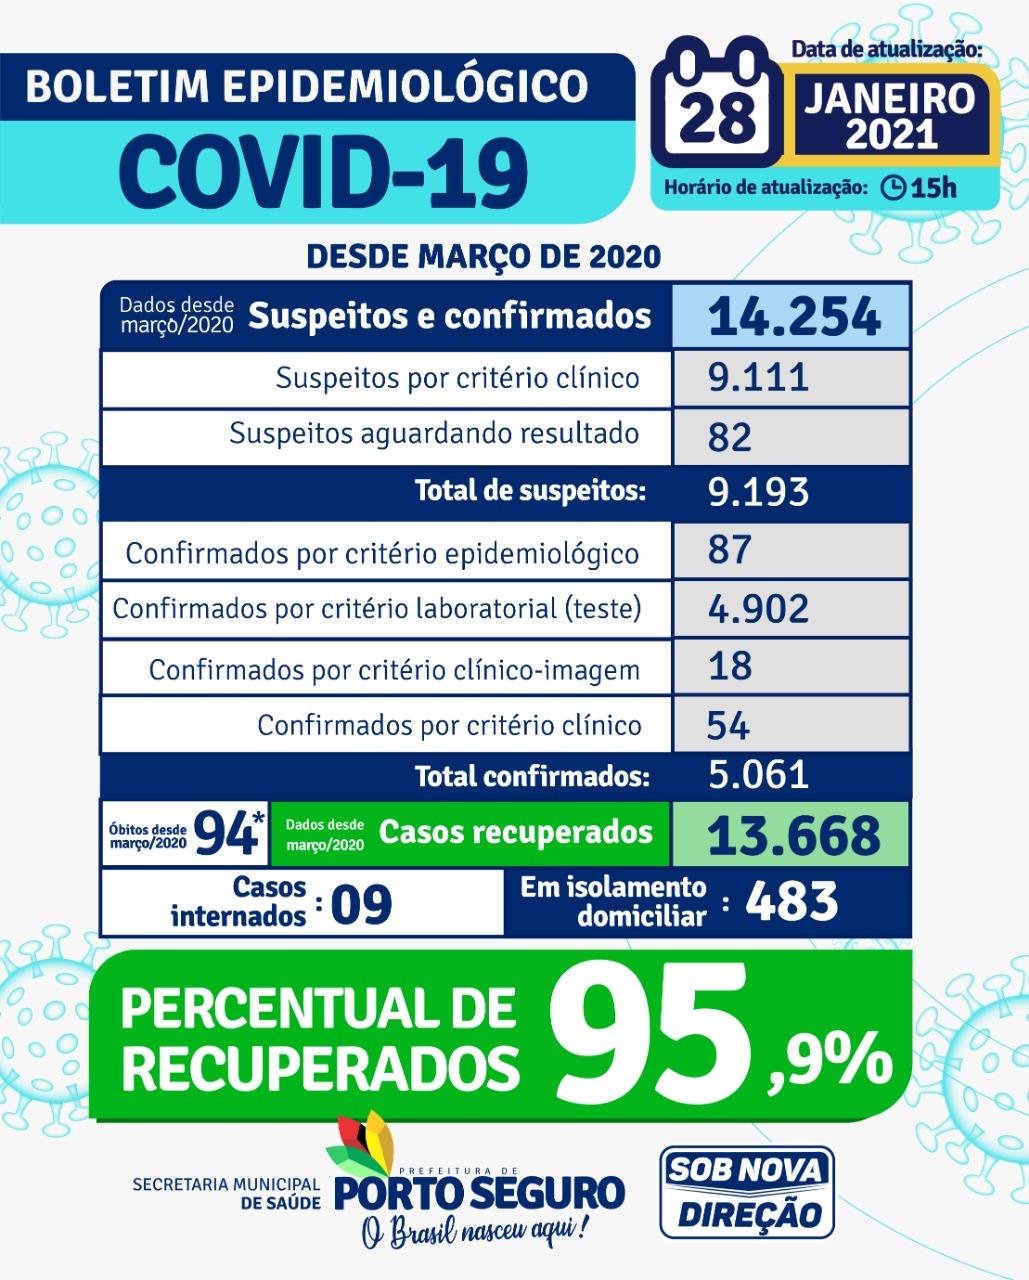 Porto Seguro: Boletim Epidemiológico Coronavírus (quinta feira) 28/01 25